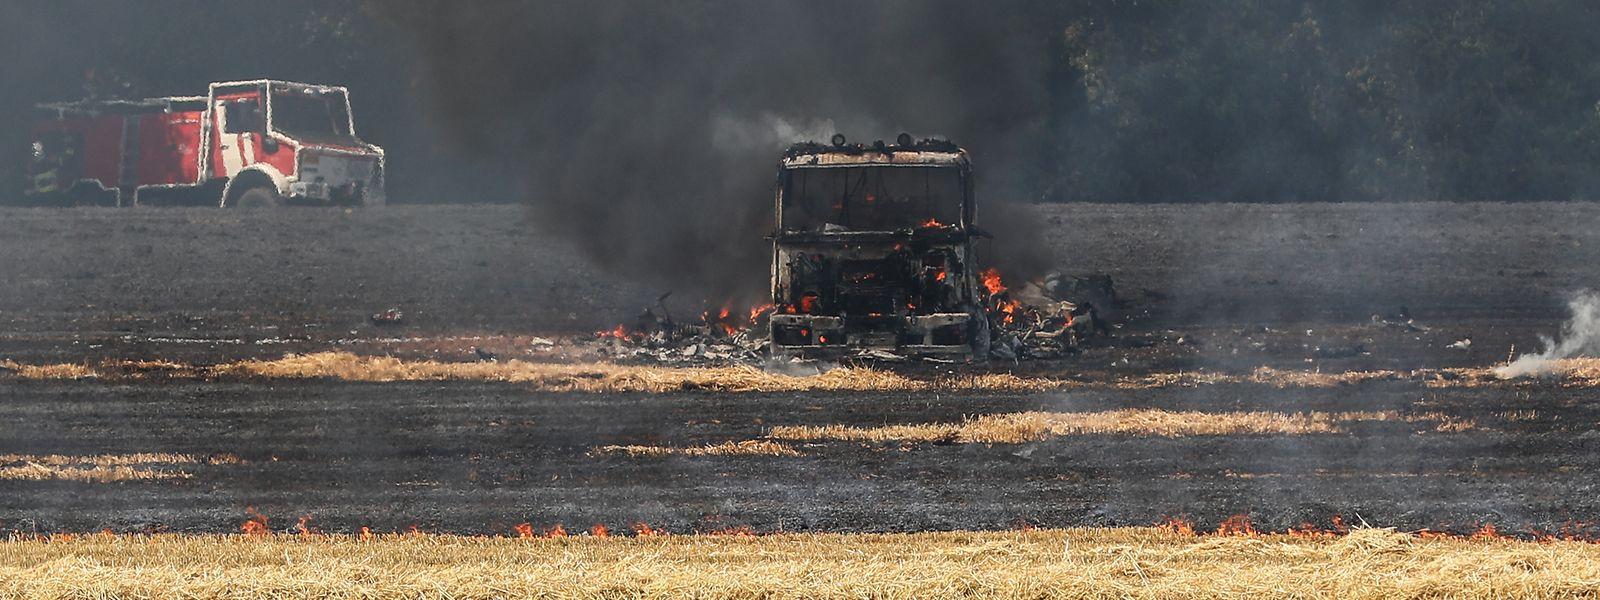 Dass auch ein Flächenbrand sehr schnell lebensgefährlich werden kann, zeigte sich am Donnerstag als ein Löschfahrzeug in Flammen aufging. Die Besatzung konnte sich aber rechtzeitig in Sicherheit bringen.